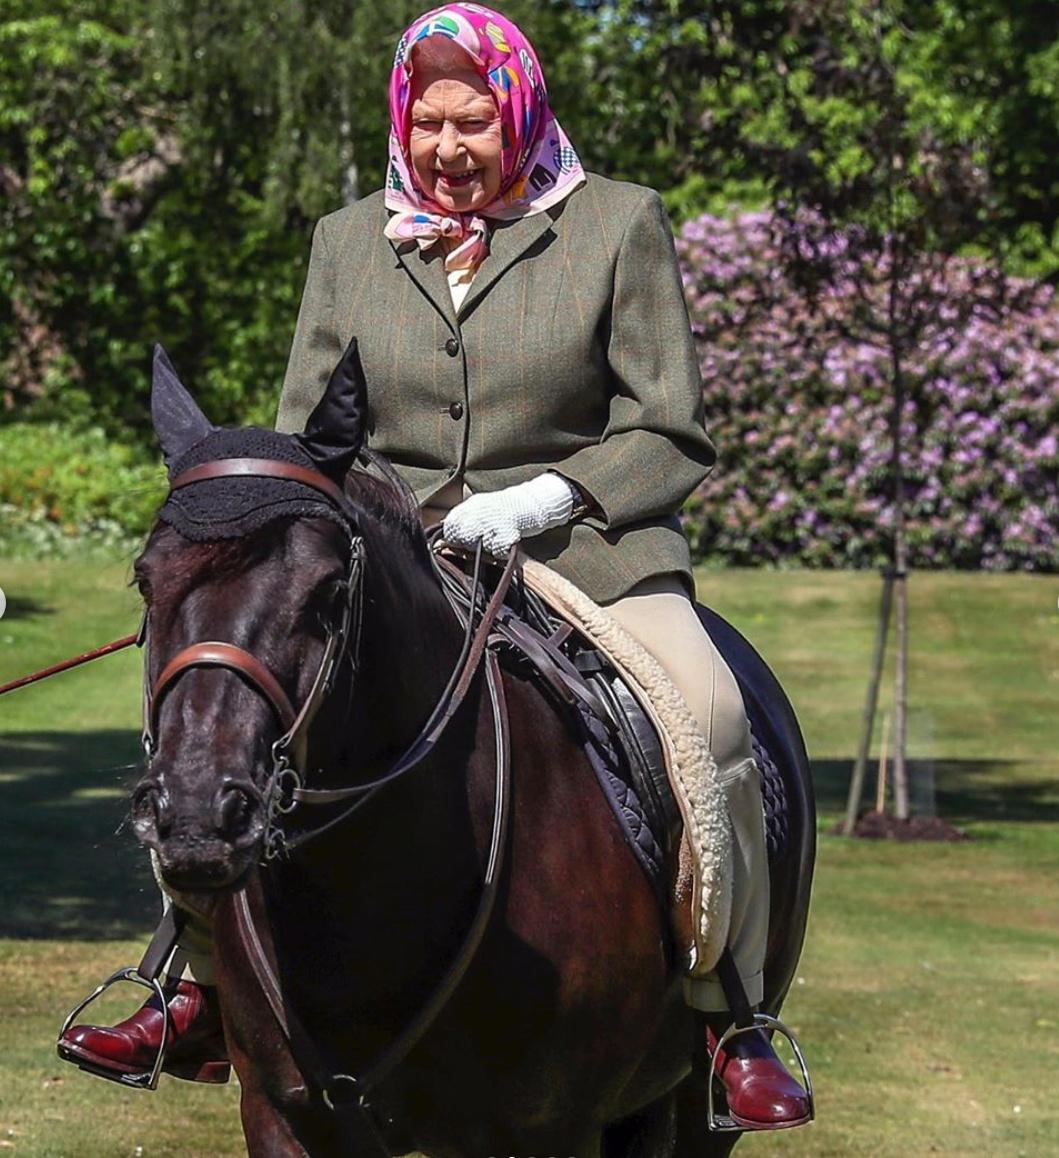 94歳のエリザベス女王がみせた気品漂う乗馬ルック